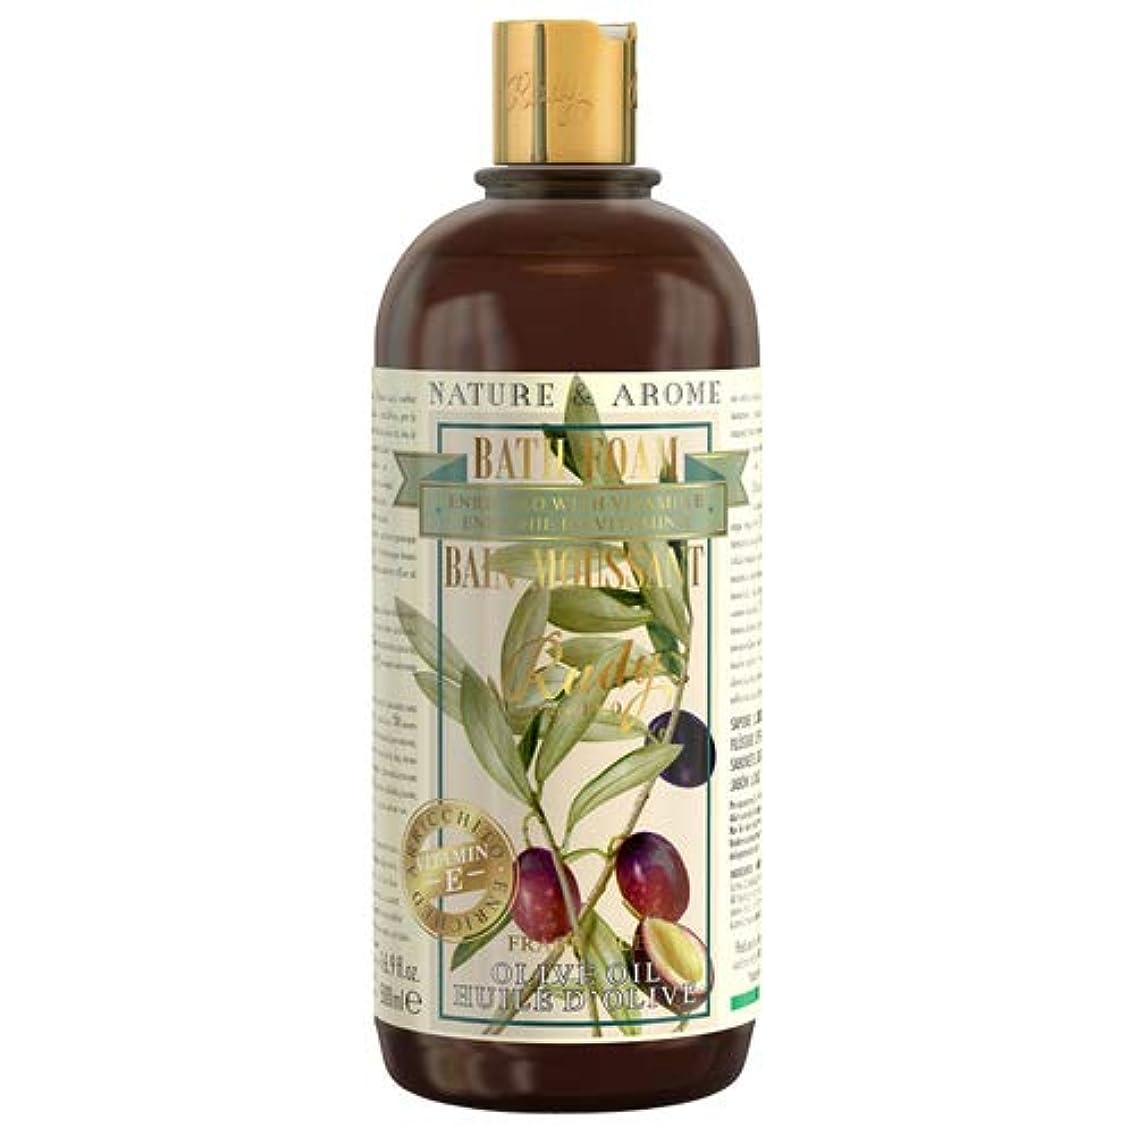 従事する賛辞クレタルディ(Rudy) RUDY Nature&Arome Apothecary ネイチャーアロマ アポセカリー Bath & Shower Gel バス&シャワージェル Olive Oil オリーブオイル